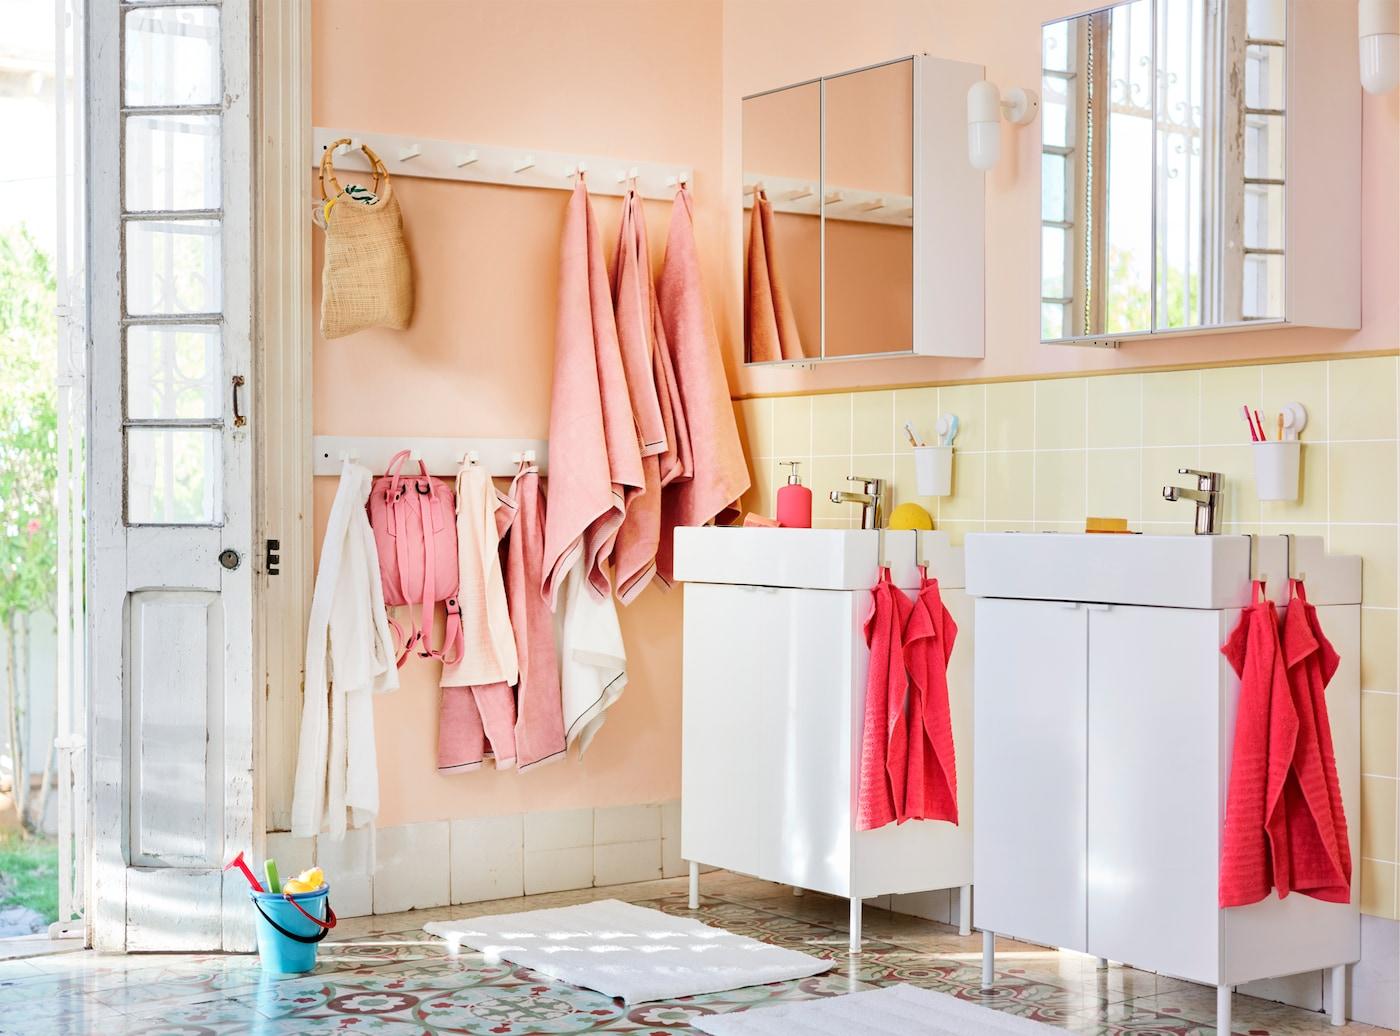 Uma casa de banho clara com várias toalhas em rosa e coral, e sacos pendurados na parede.